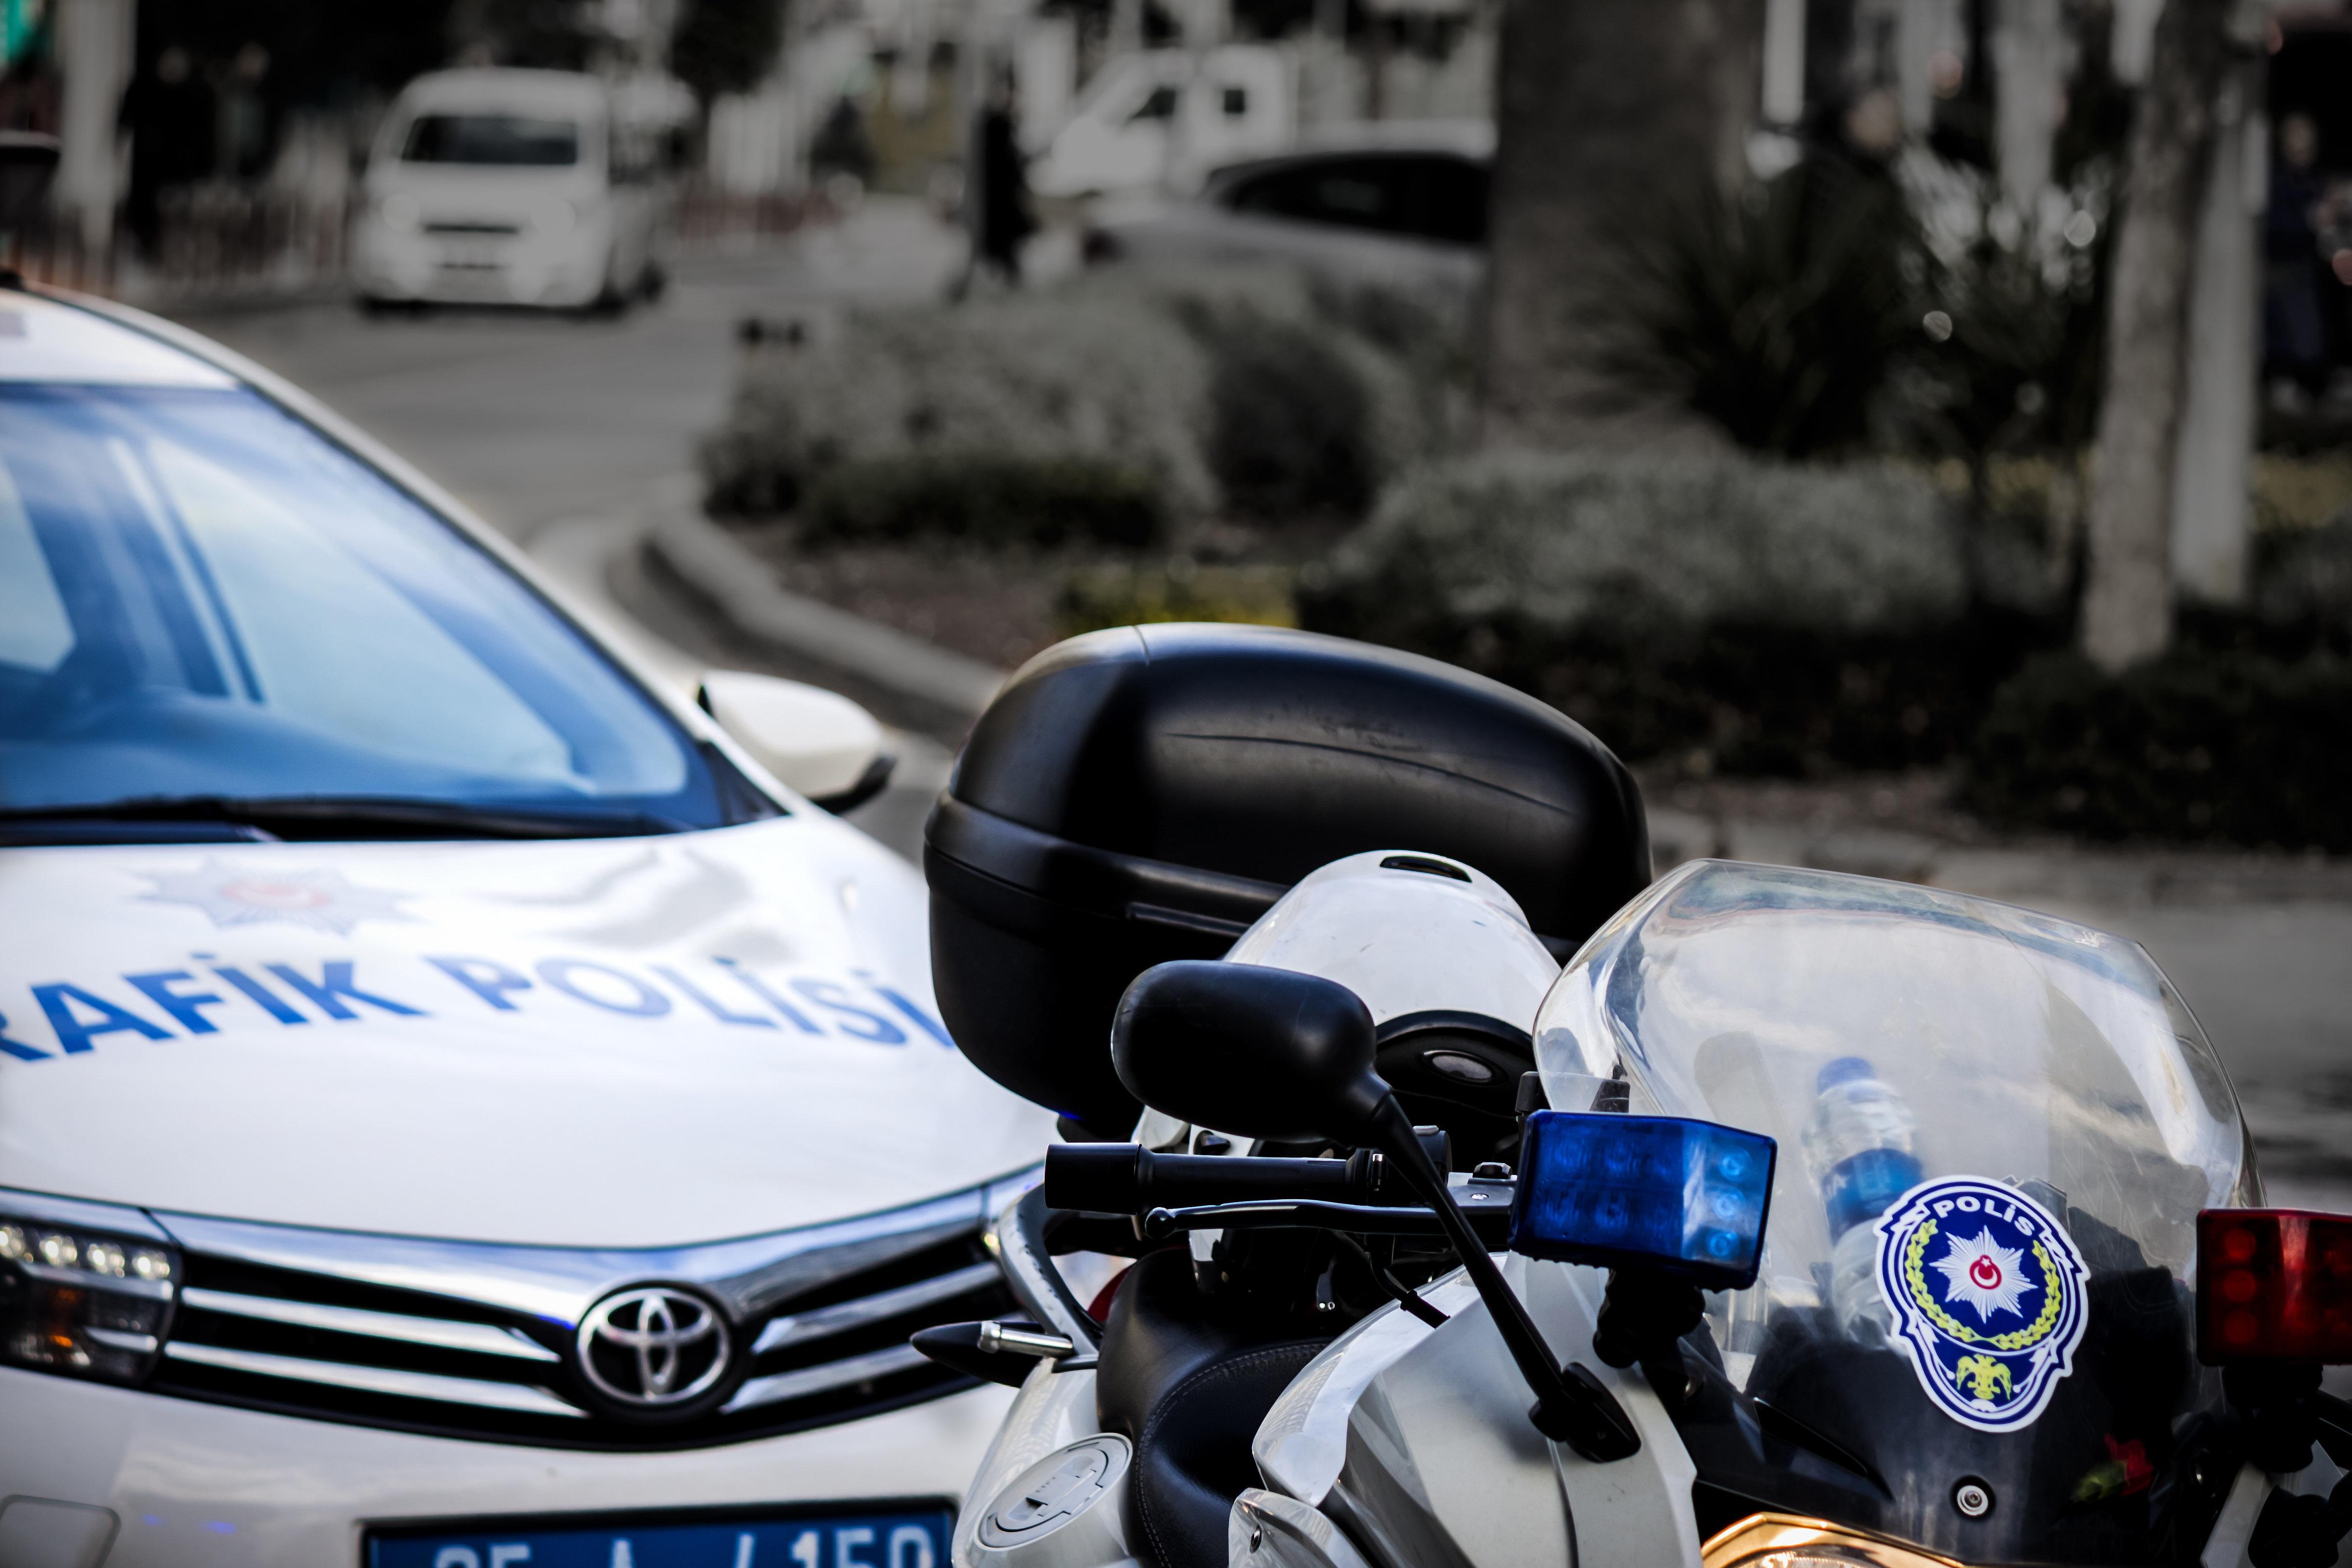 Τούρκος δημοσιογράφος καταγγέλλει: Κρατούνται ως εγκληματίες οικογενειάρχες που ήθελαν να έρθουν στην